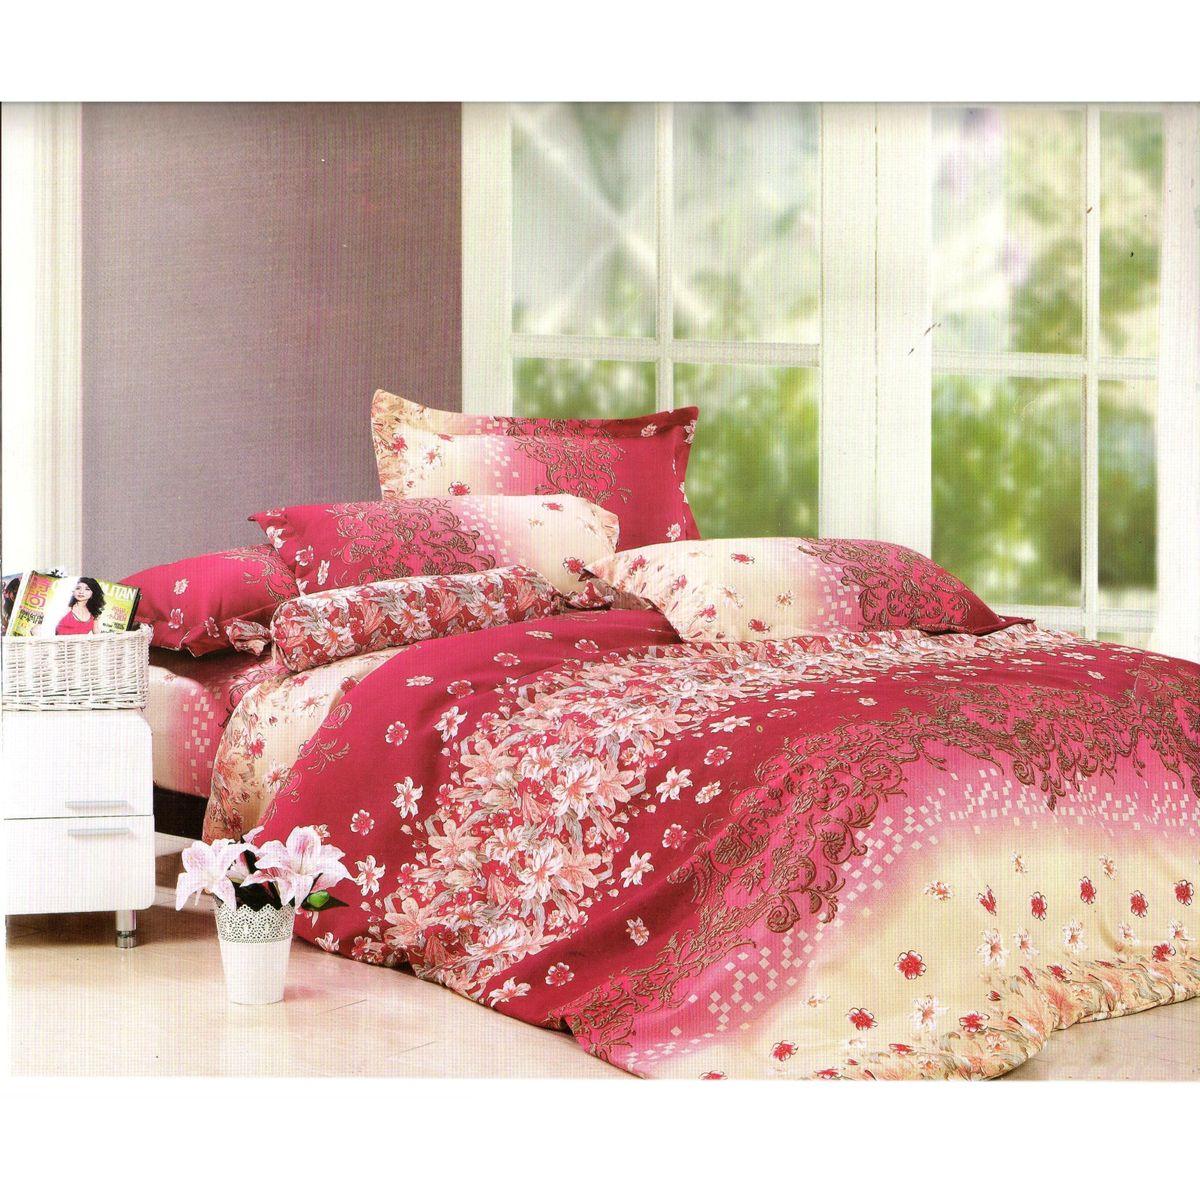 Комплект белья Этель Настроение, 1,5-спальный, наволочки 70x70, цвет: бордовый, розовый, белый824950Комплект постельного белья Этель Настроение состоит из пододеяльника на молнии, простыни и двух наволочек. Удивительной красоты рисунок, нанесенный на белье, сочетает в себе нежность и теплоту. Постельное белье Этель Настроение создано для романтичных натур, которые любят изысканный дизайн. Белье изготовлено из поликоттона отвечающего всем необходимым нормативным стандартам. Поликоттон - это ткань из экологически чистых материалов (50% хлопка, 50% полиэстера). Неоспоримым плюсом белья из такой ткани является мягкость и легкость, она прекрасно пропускает воздух, приятна на ощупь, не образует катышков на поверхности и за ней легко ухаживать. При соблюдении рекомендаций по уходу, это белье выдерживает много стирок, не линяет и не теряет свою первоначальную прочность. Уникальная ткань обеспечивает легкую глажку. Приобретая комплект постельного белья Этель Настроение, вы можете быть уверенны в том, что покупка доставит вам и вашим...